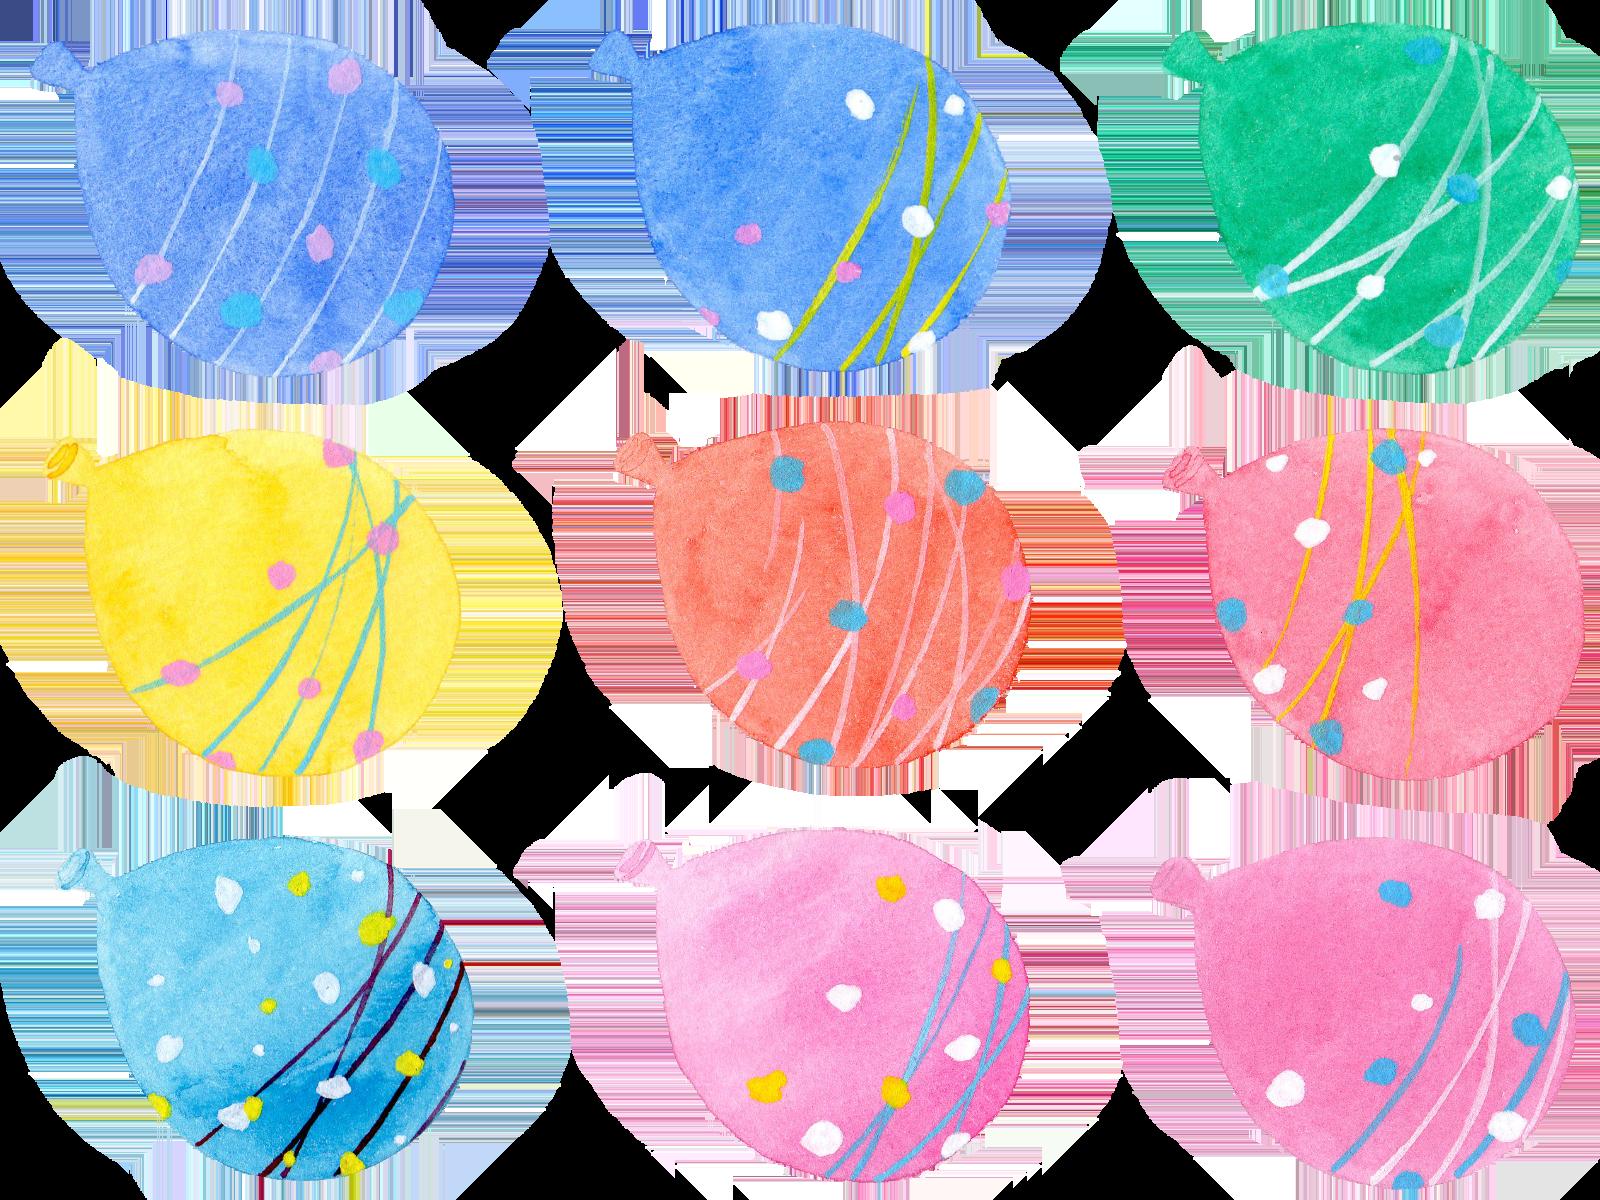 水風船の水彩イラスト素材